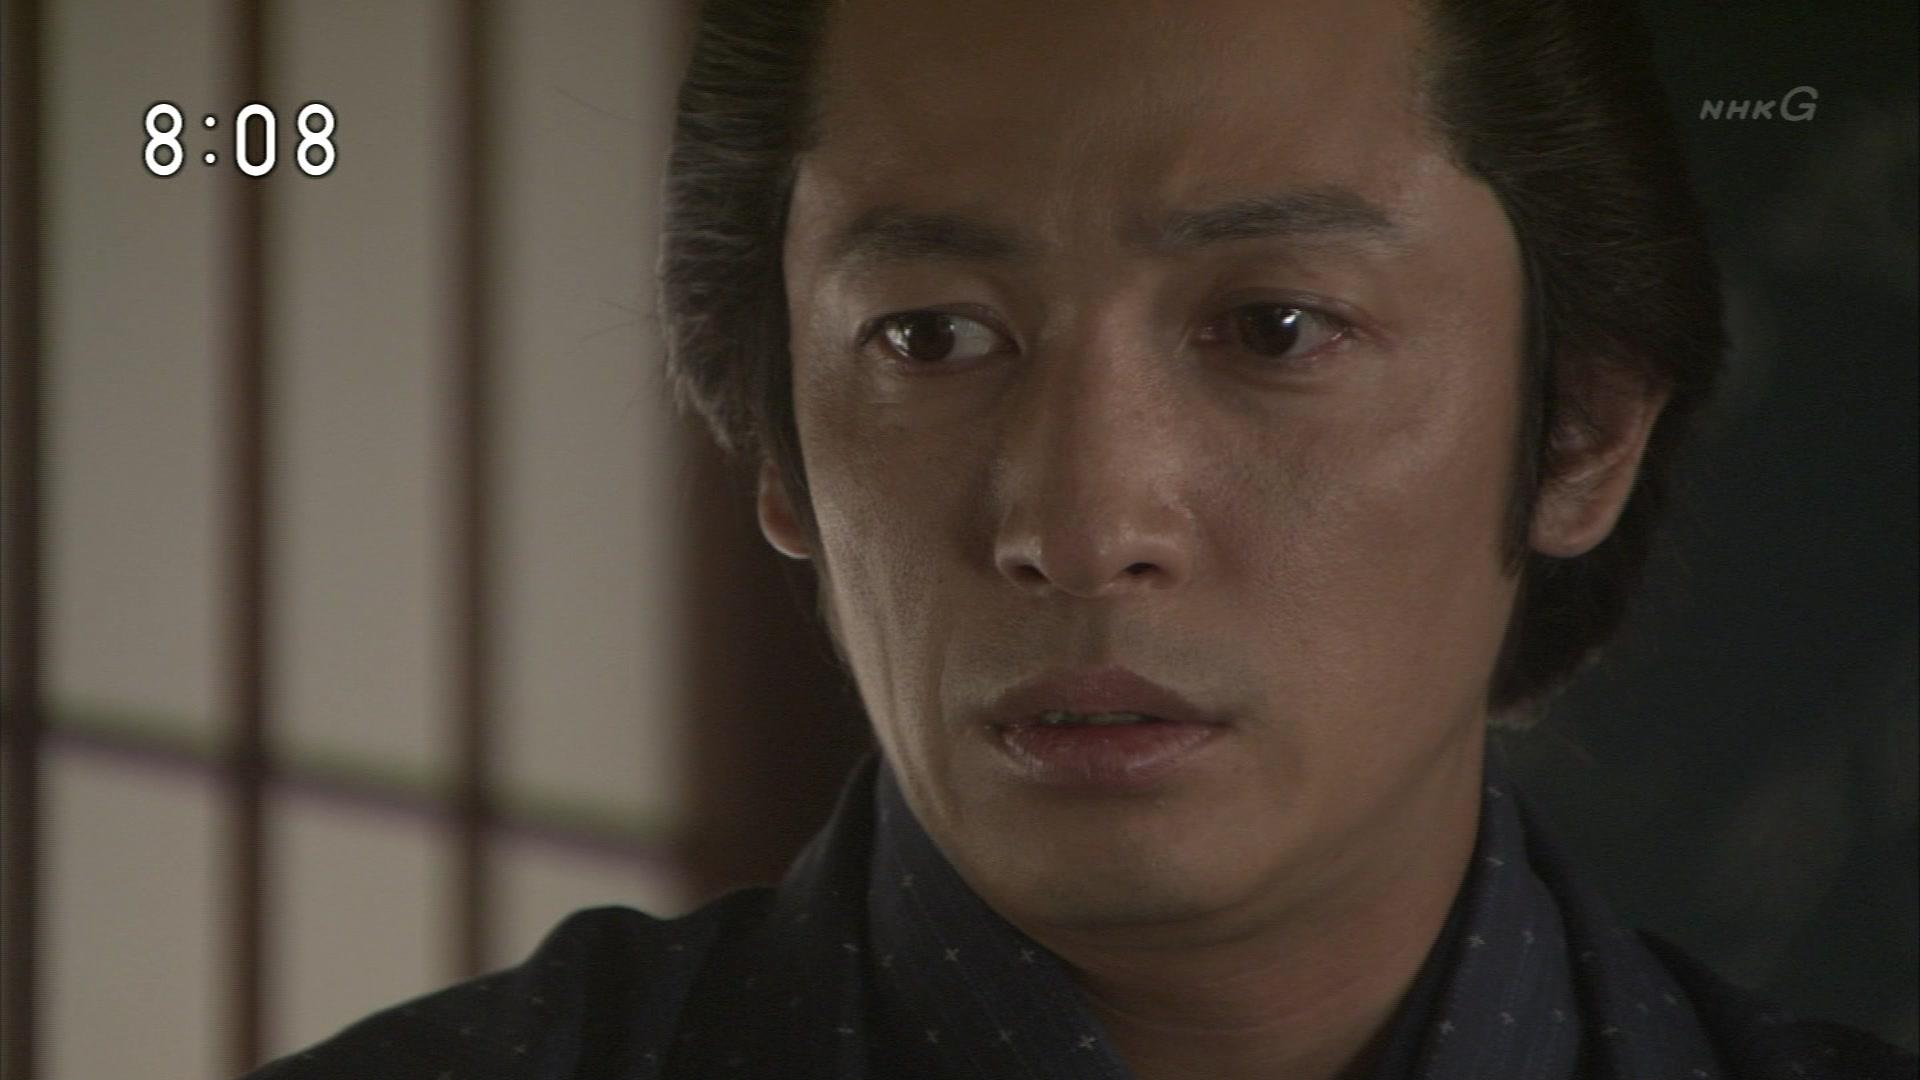 2015-10-06 08:00 連続テレビ小説 あさが来た(8)「ふたつの花びら」 1564